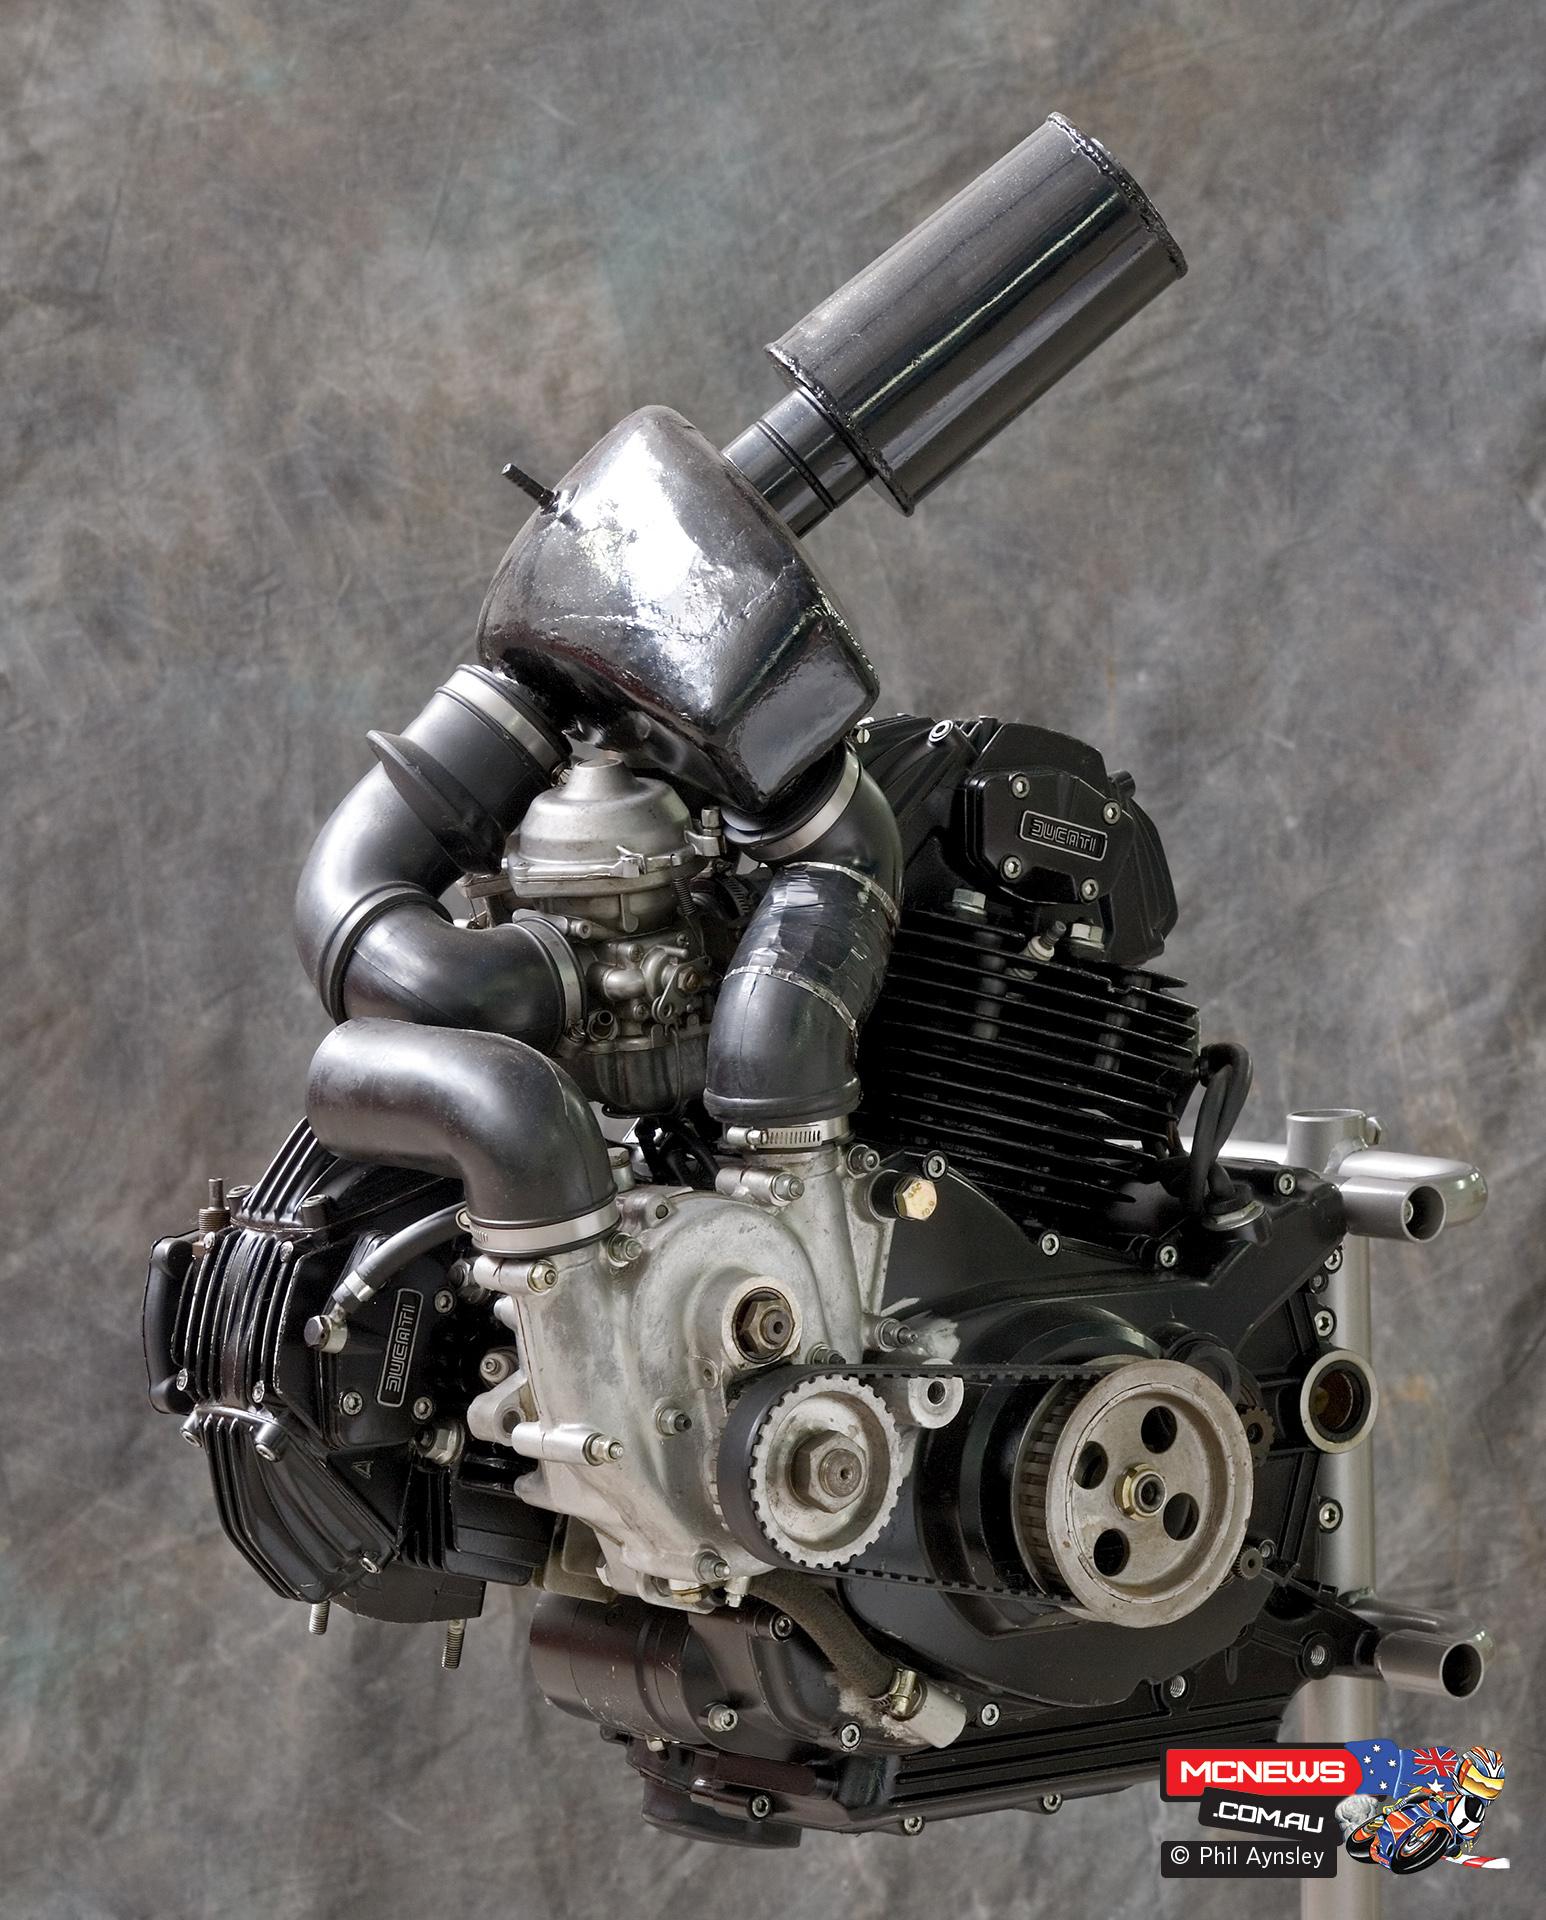 60F70F4F-A515-4C9C-B995-56C78BAD5F73.jpeg